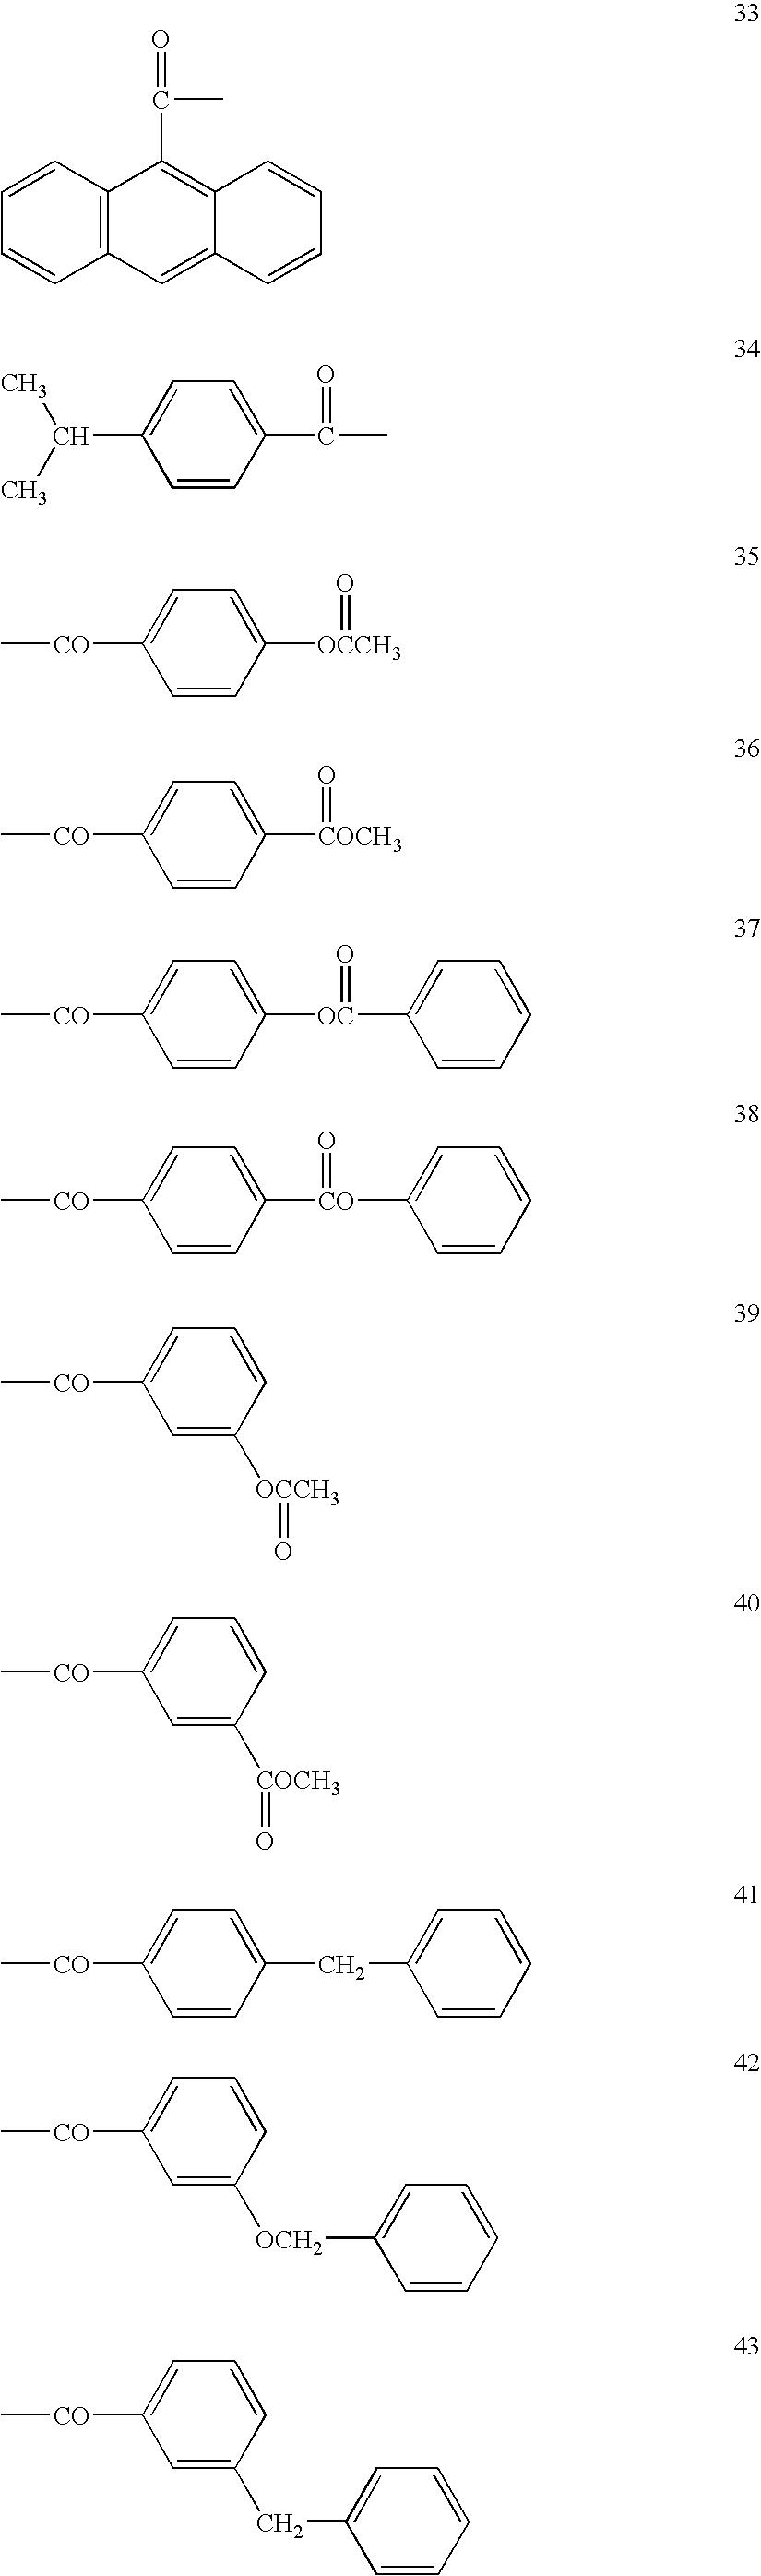 Figure US20100090364A1-20100415-C00005